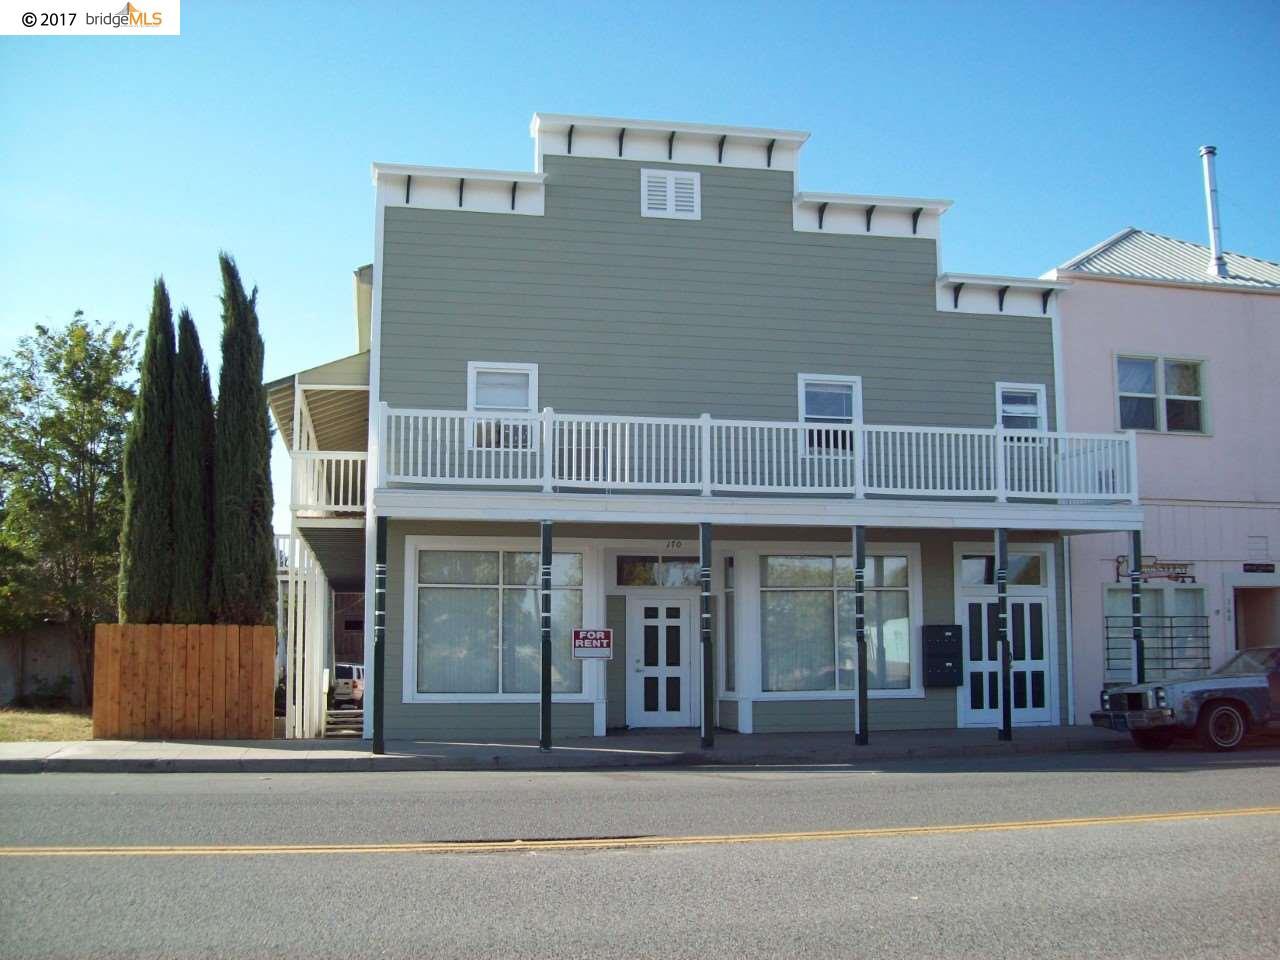 二世帯住宅 のために 売買 アット 165 S 11Th Street 165 S 11Th Street Montague, カリフォルニア 96064 アメリカ合衆国